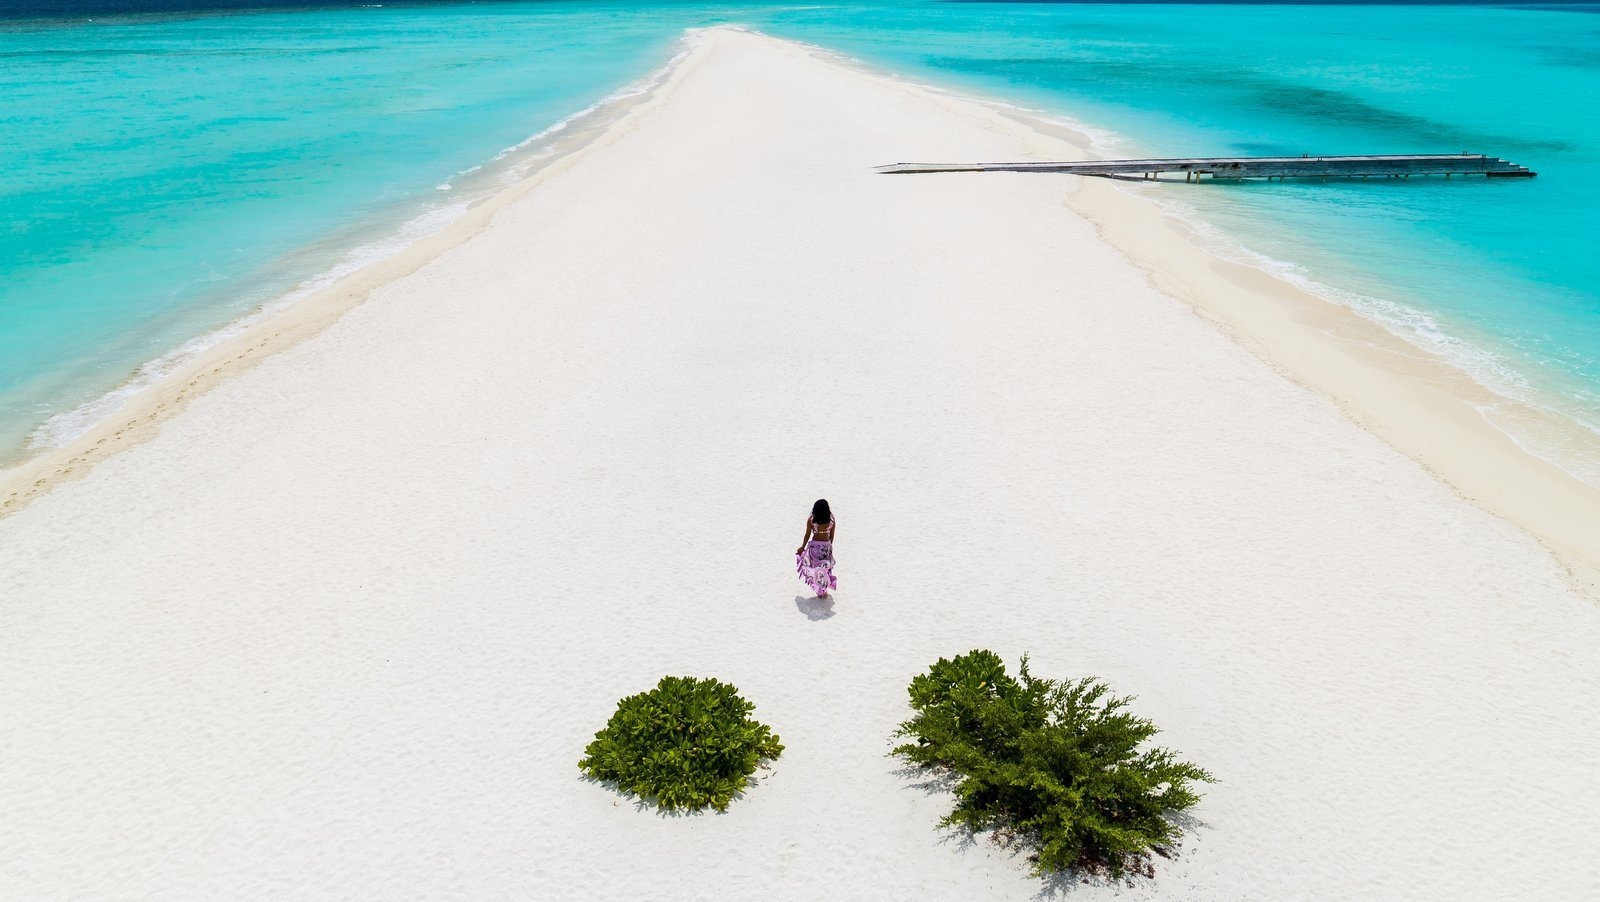 Мальдивы, отель Kuramathi Maldives, песчаная коса